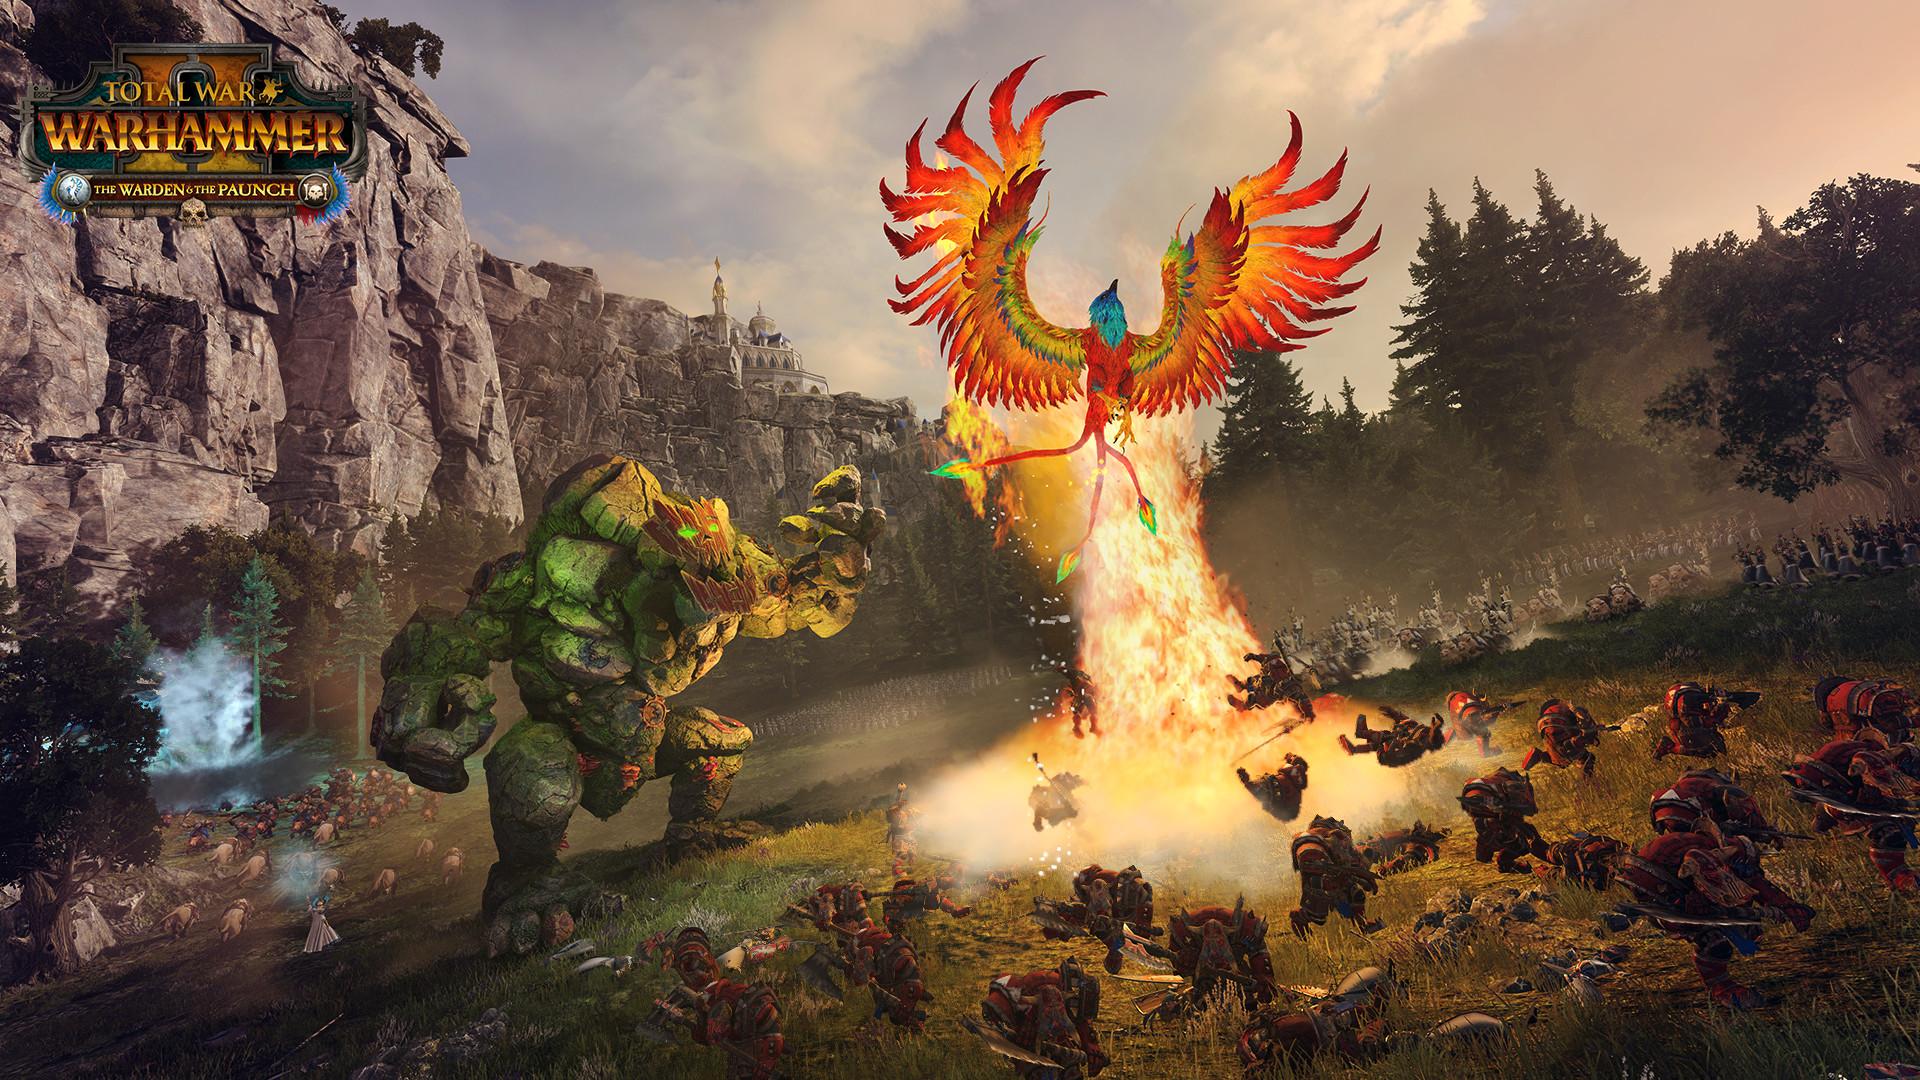 《全面战争:战锤2》新DLC公布 5月21日发售